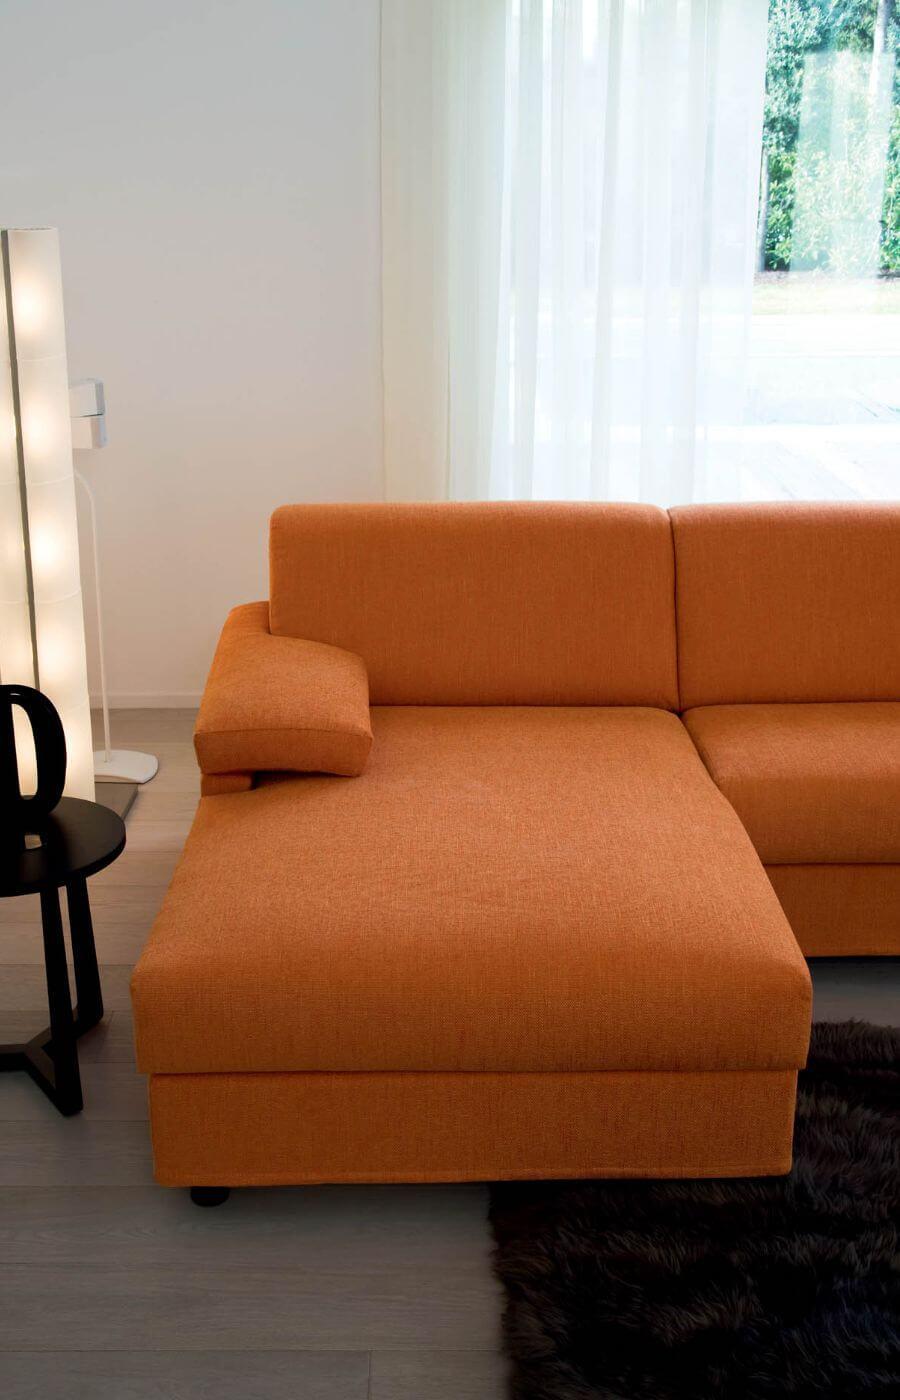 divani-letto-collezione-san-diego-il-mobile (2)